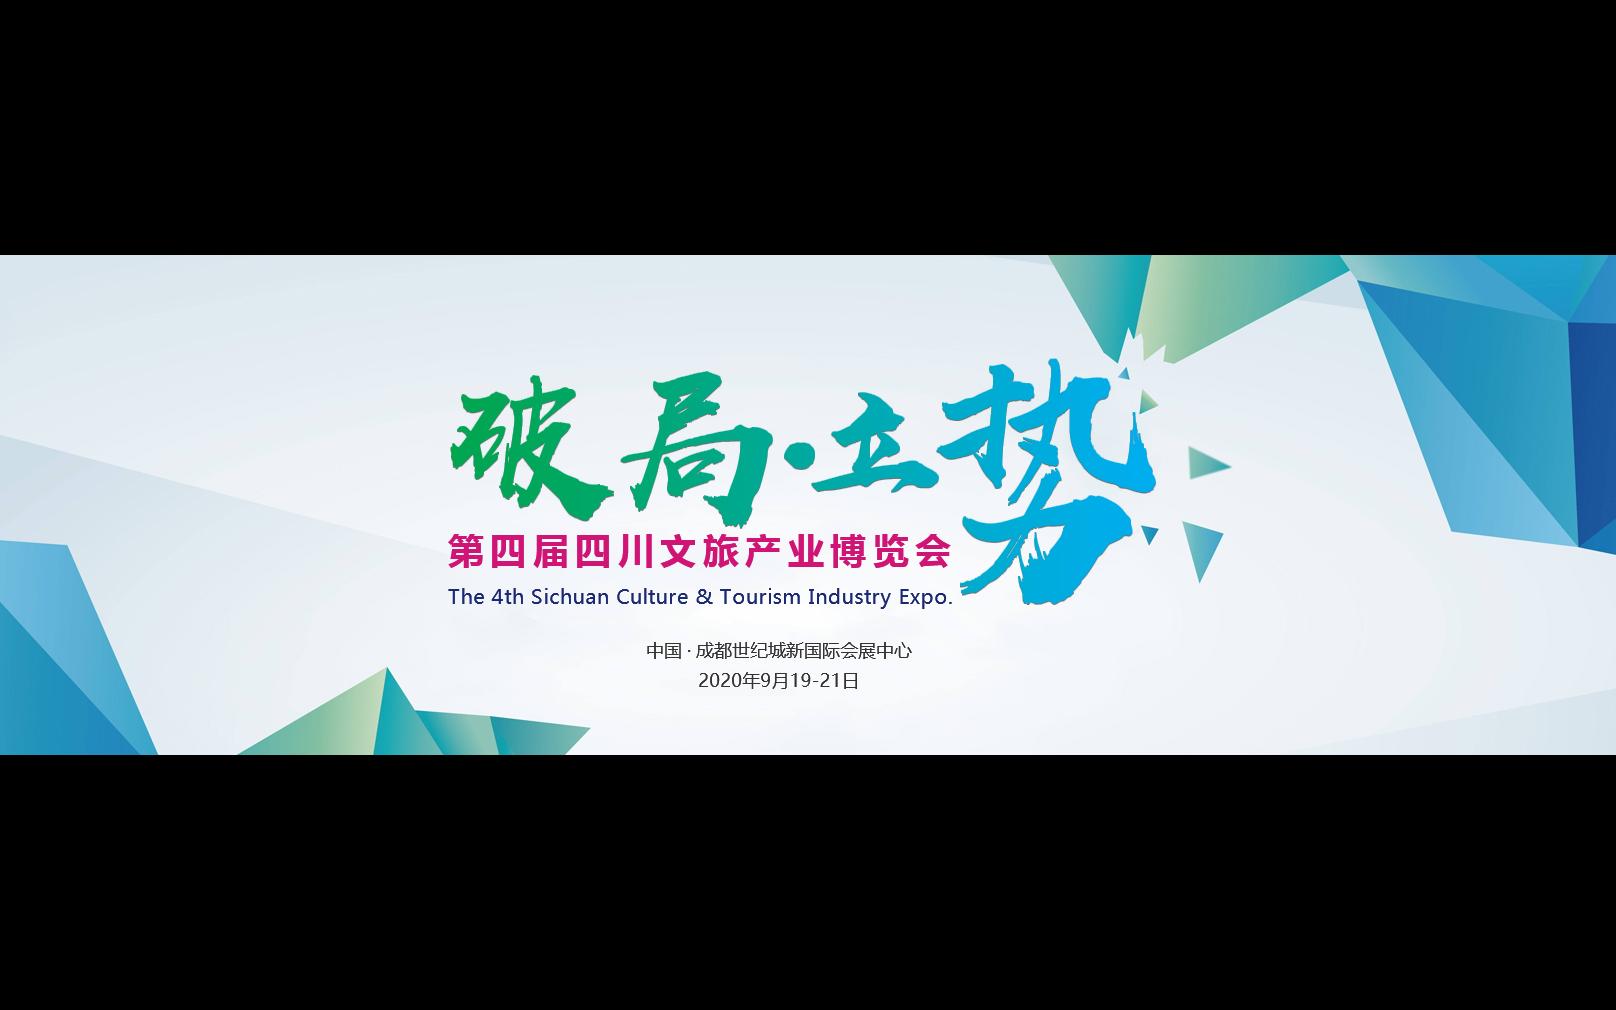 第四屆四川文旅產業博覽會